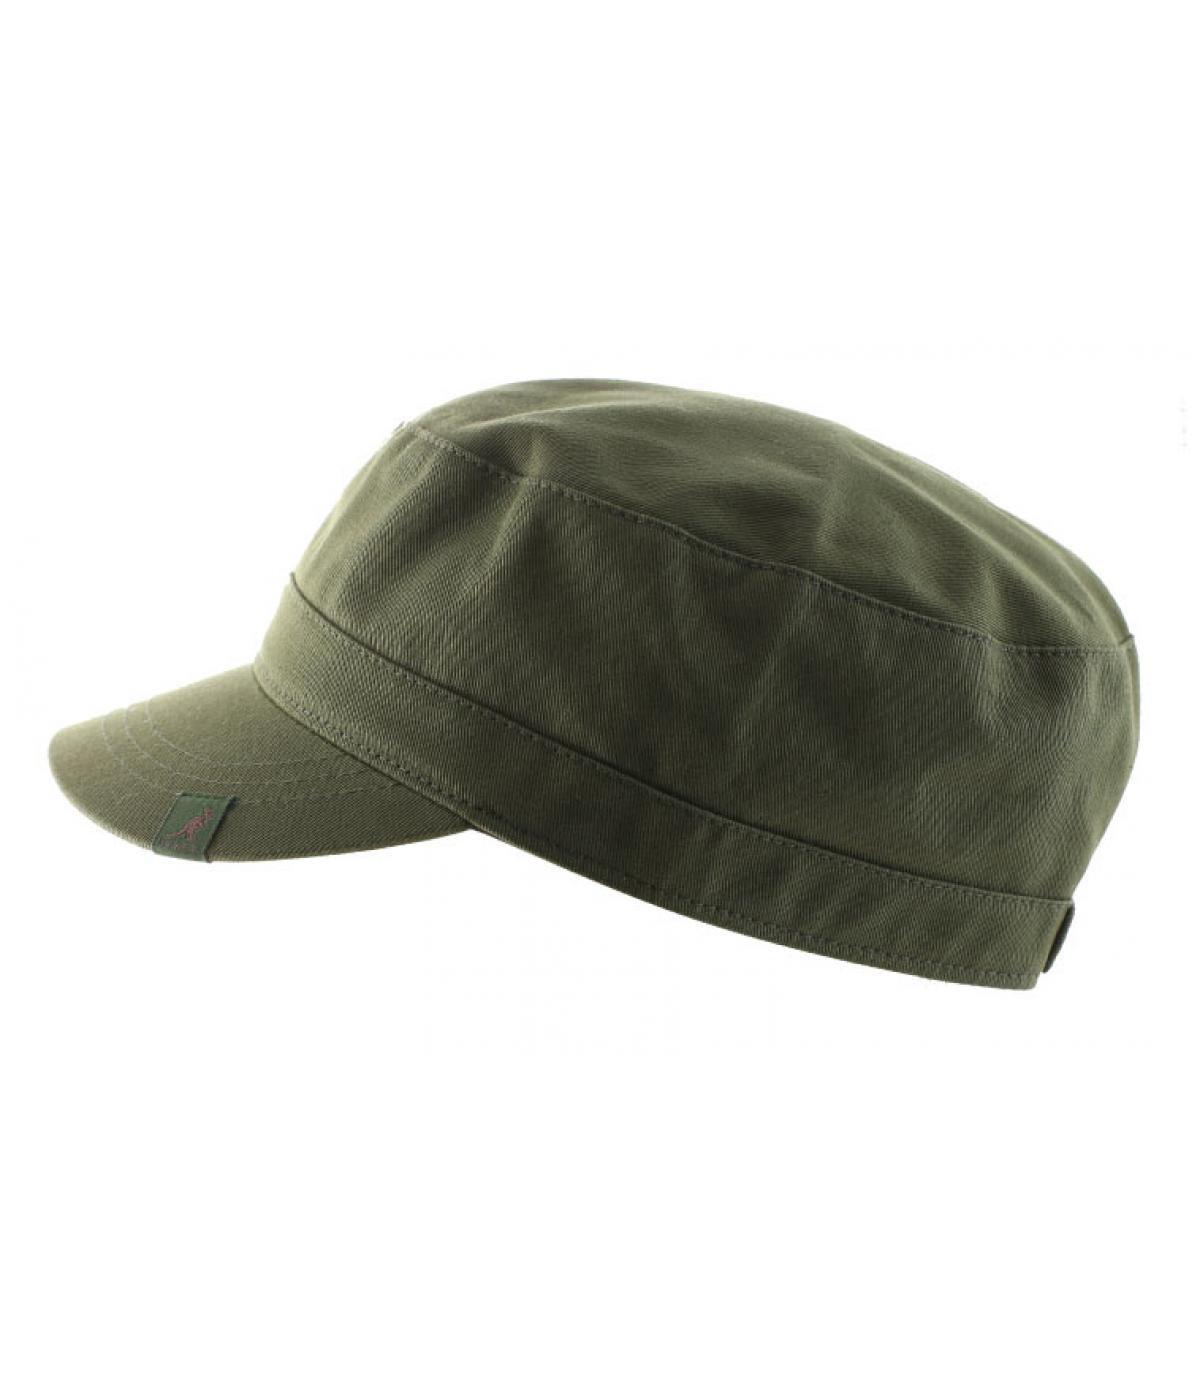 Détails Cotton twill army cap khaki - image 2